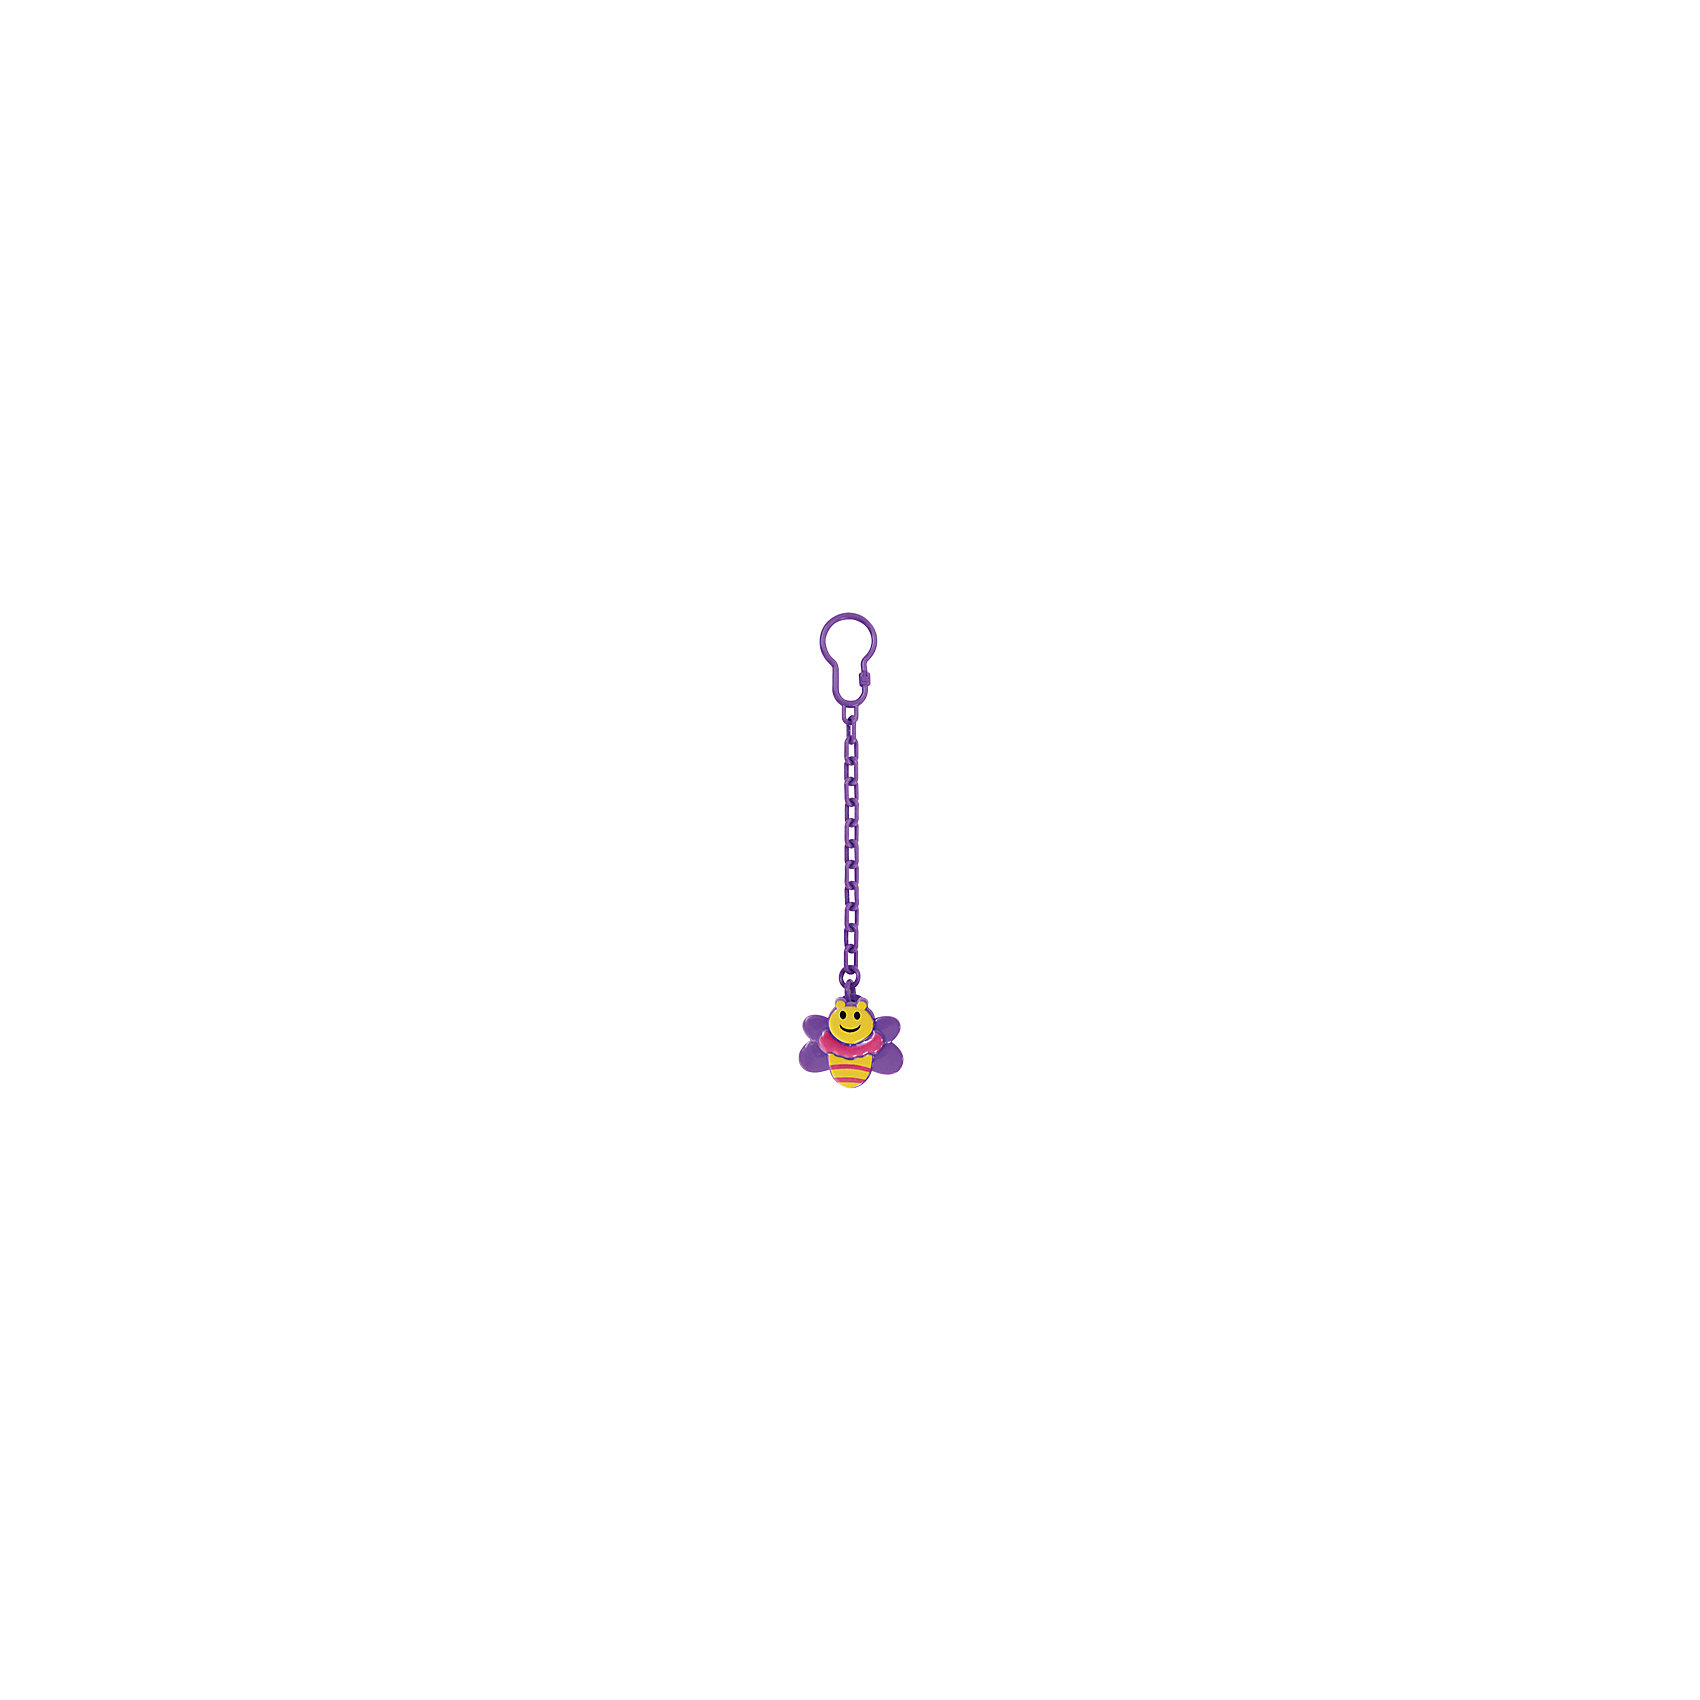 Клипса для соски-пустышки Пчелка от 0 мес., LUBBY, фиолетовый